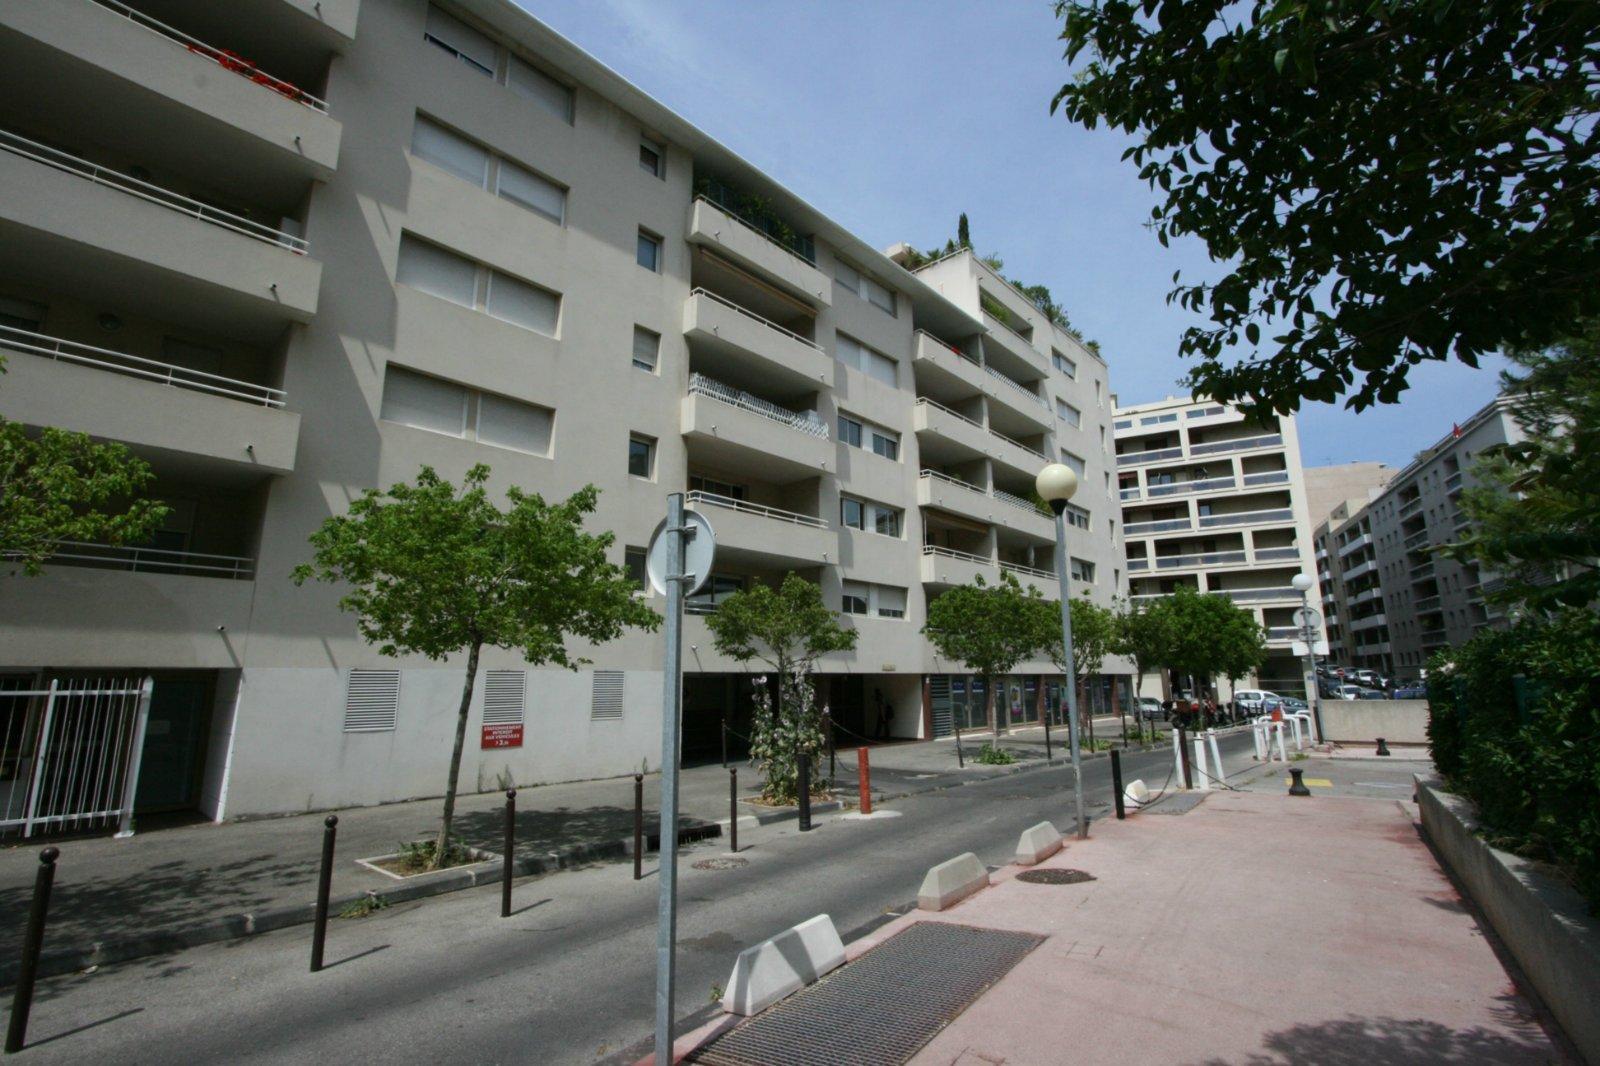 location appartement marseille 8 me studio et maison marseille 8 me arrondissement. Black Bedroom Furniture Sets. Home Design Ideas